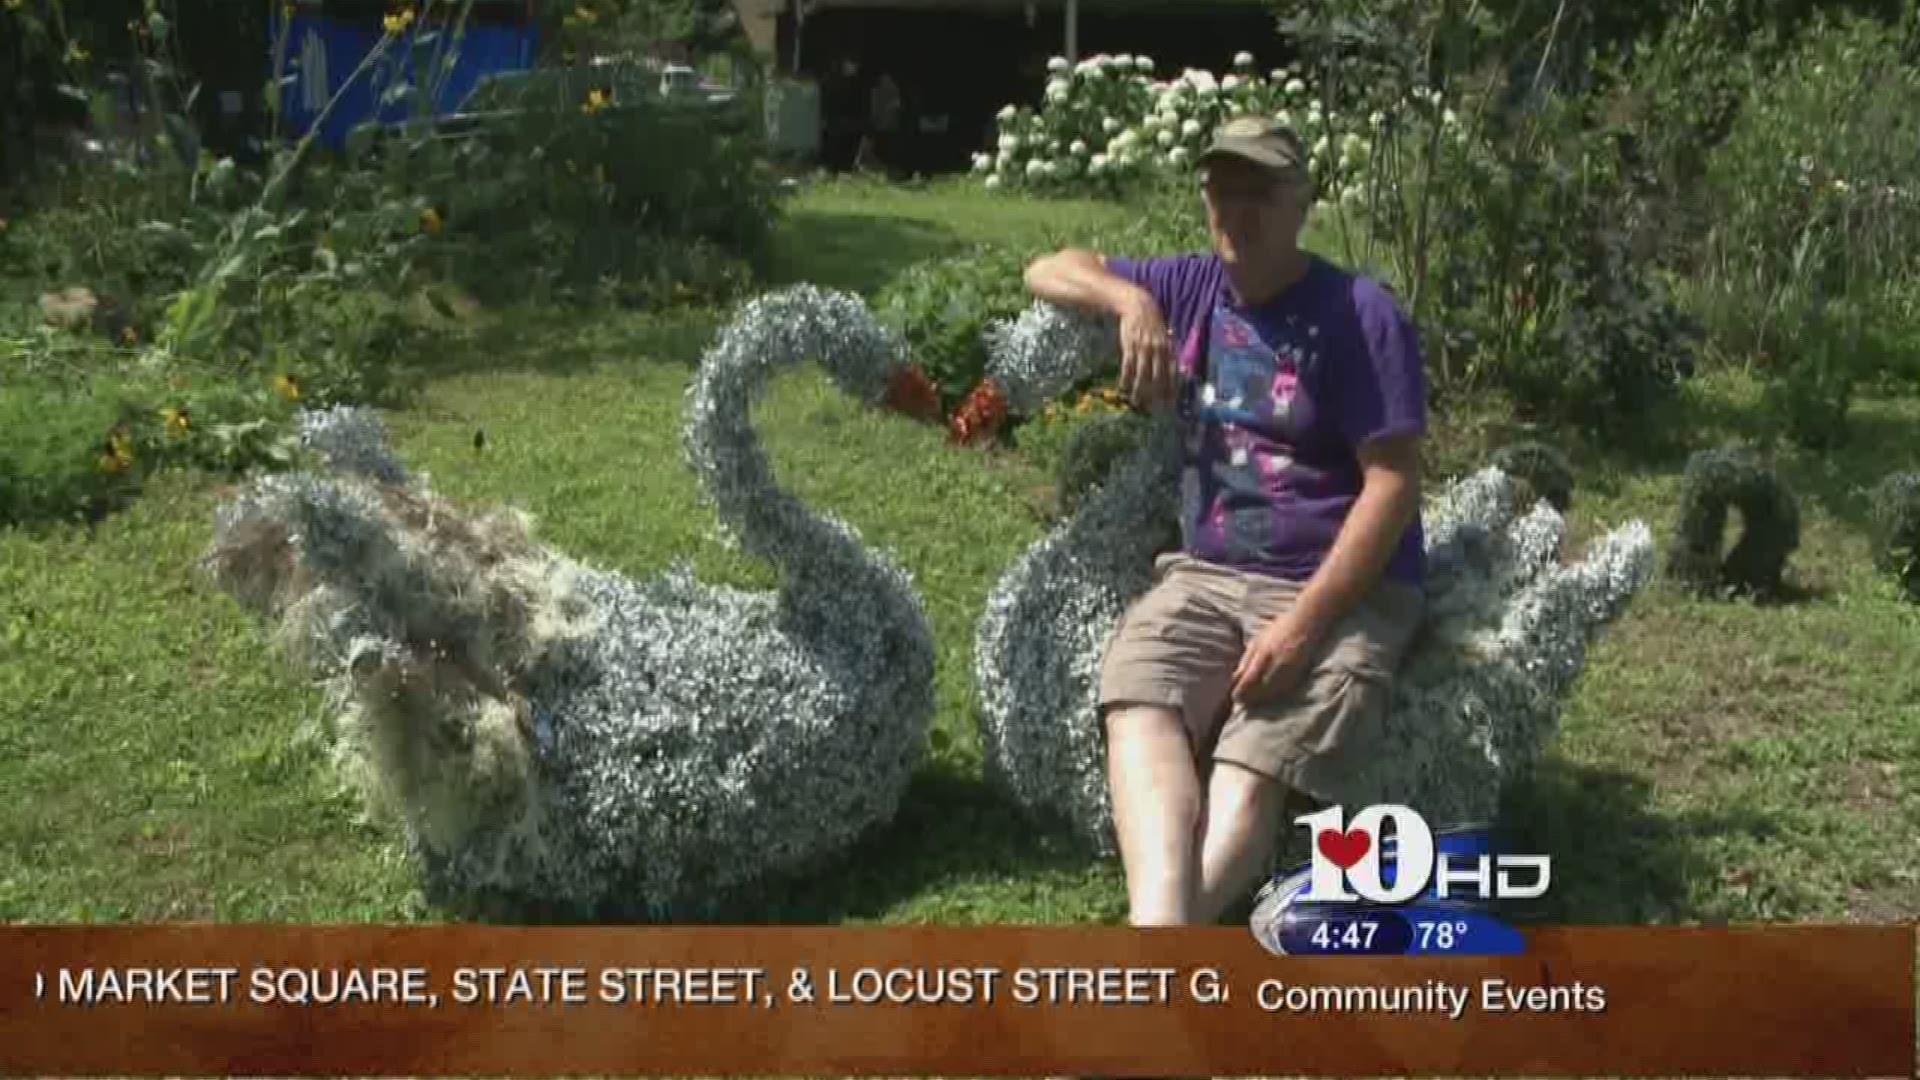 Hometown Spotlight Topiary Joe Wbir Com